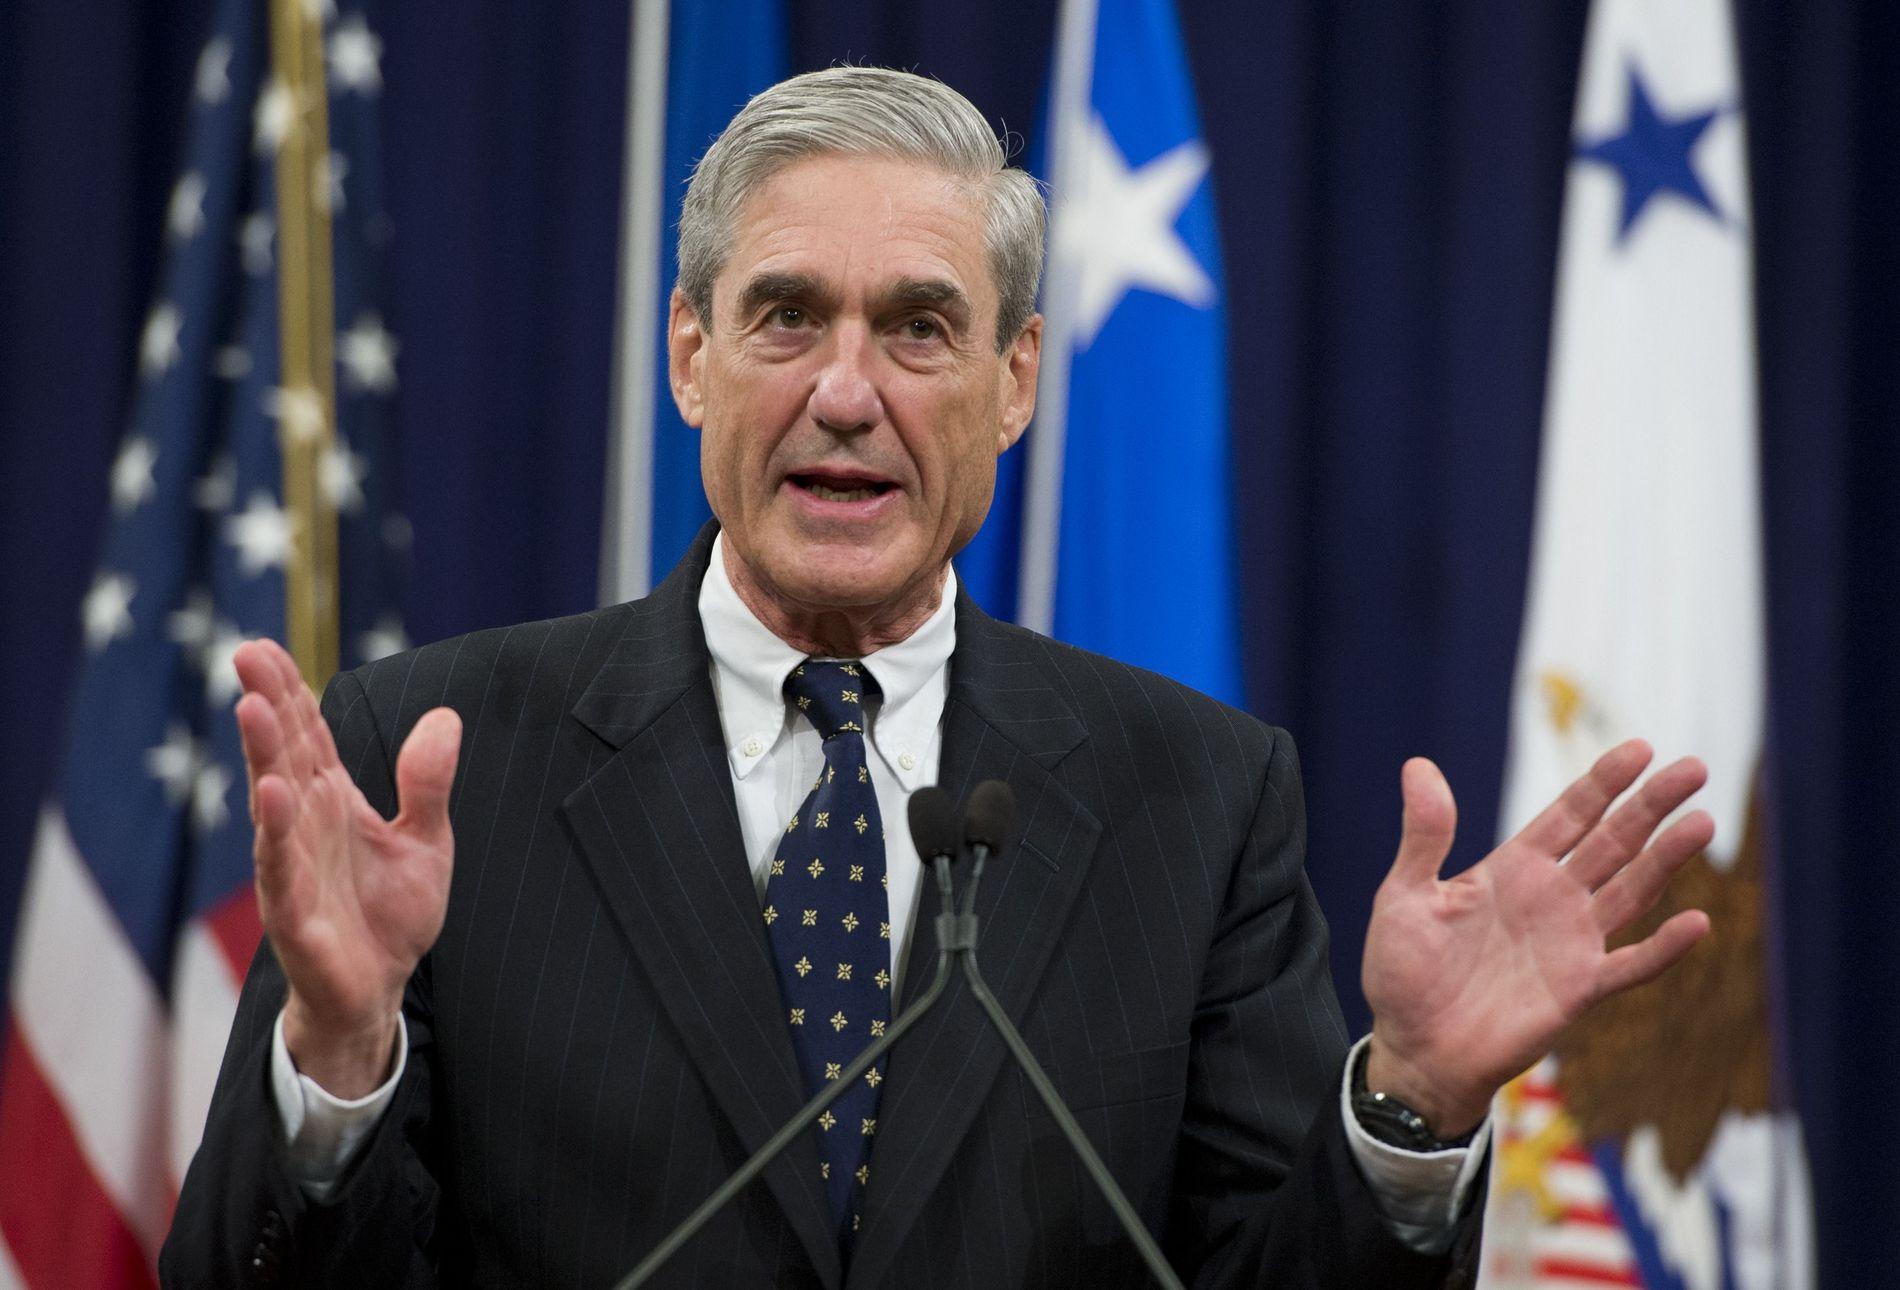 FORTSETTER: Spesialetterforsker Robert Mueller er ikke ferdig med rapporten om Russland-etterforskningen.